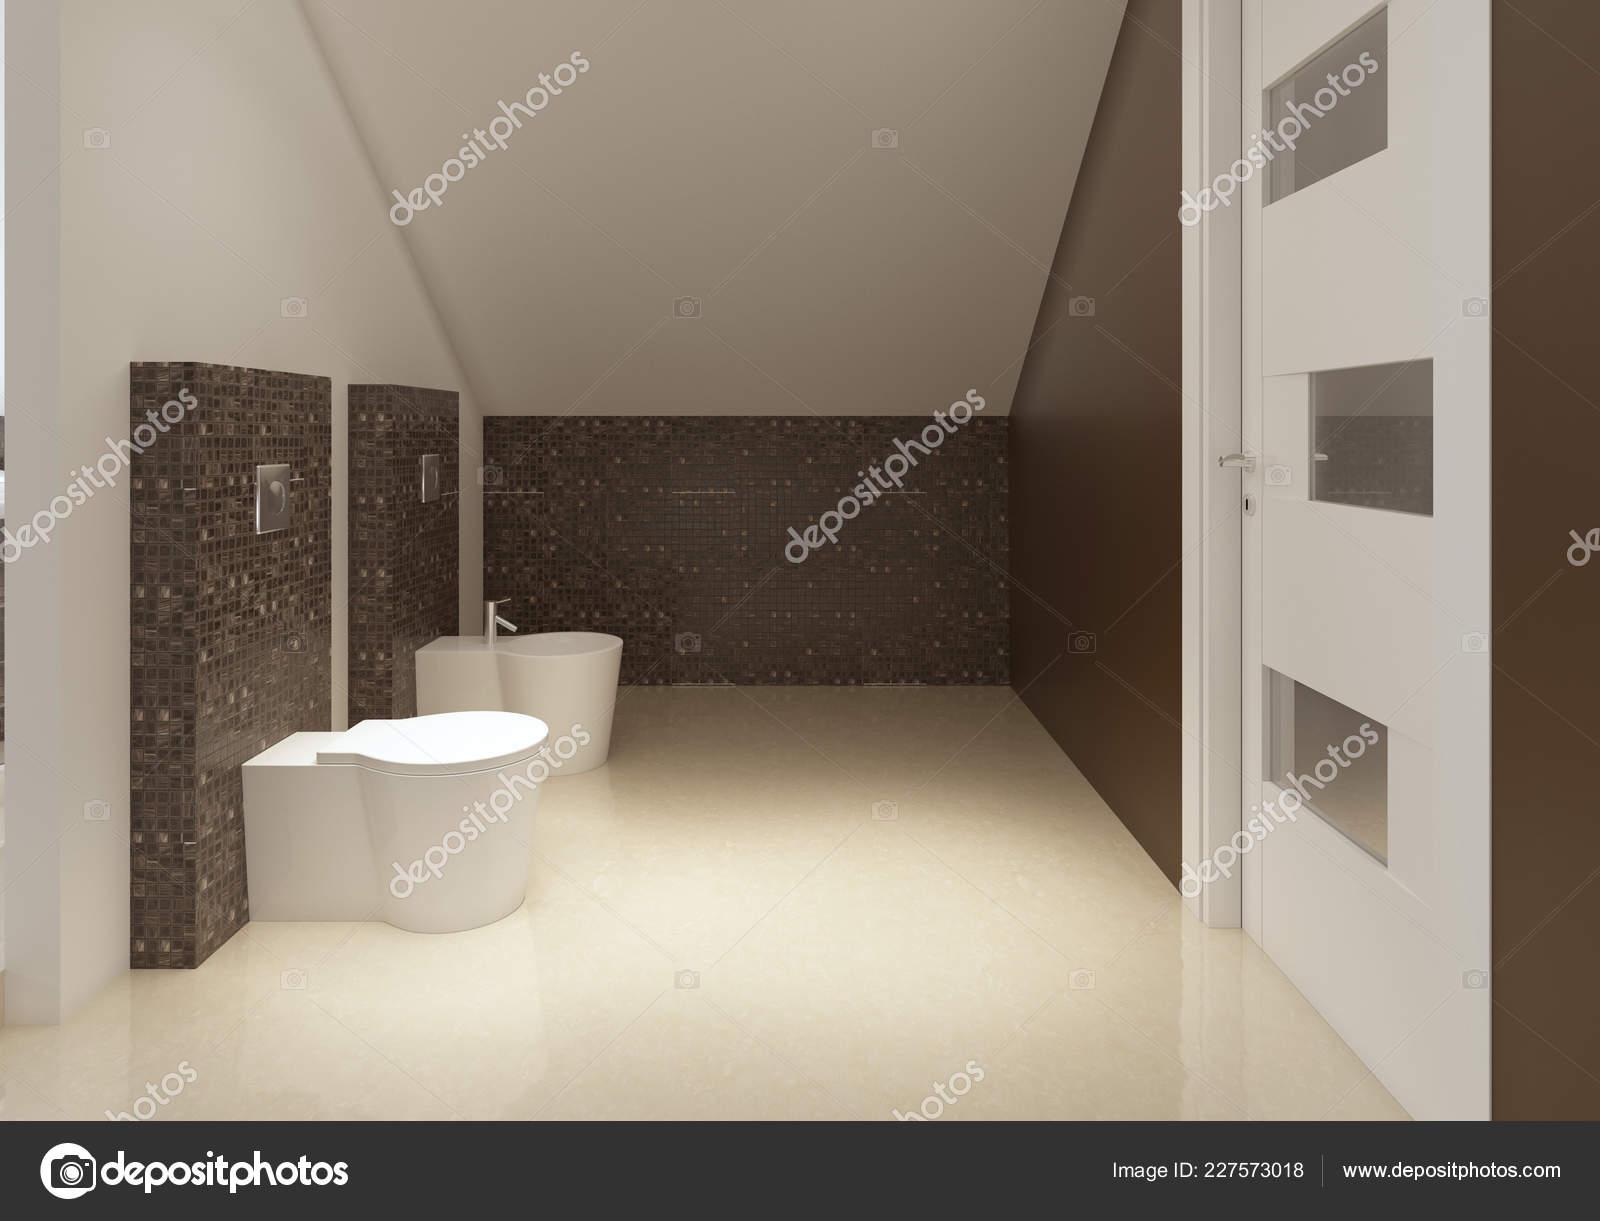 Cuarto Baño Estilo Moderno Colores Blancos Marrón Render ...